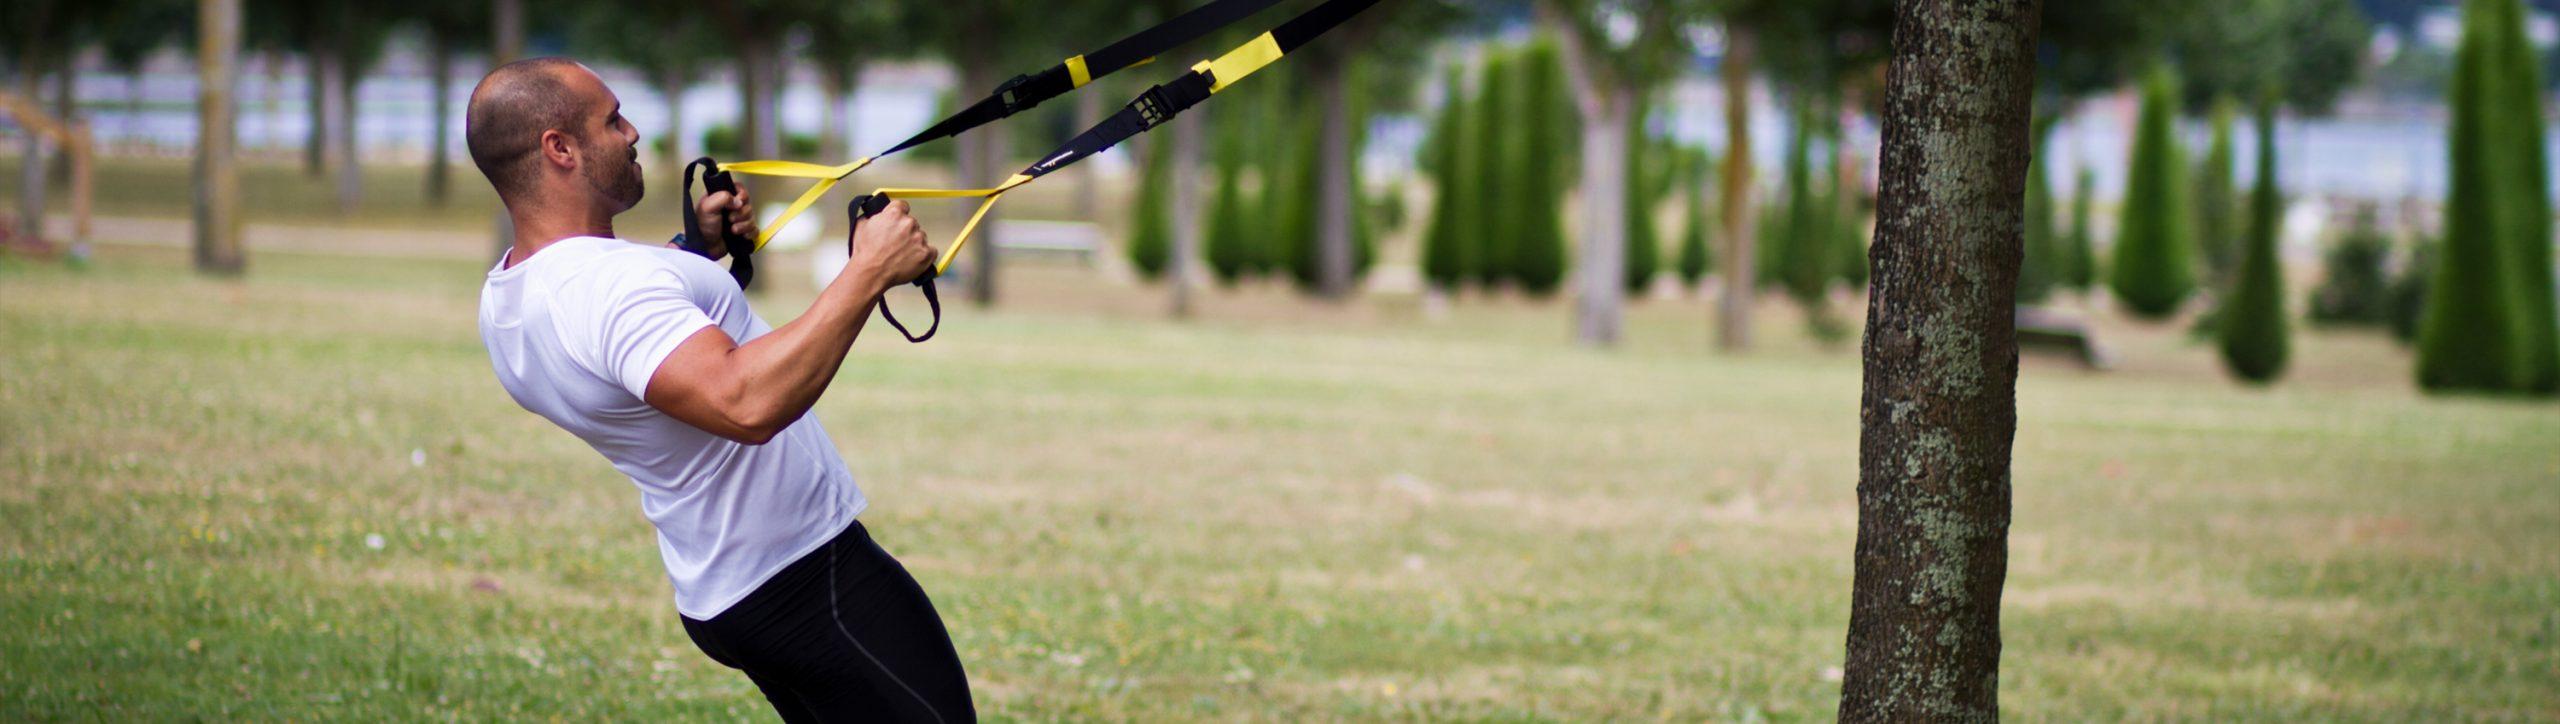 portada ruben-rrsalud centro entrenamiento personal a coruña 6